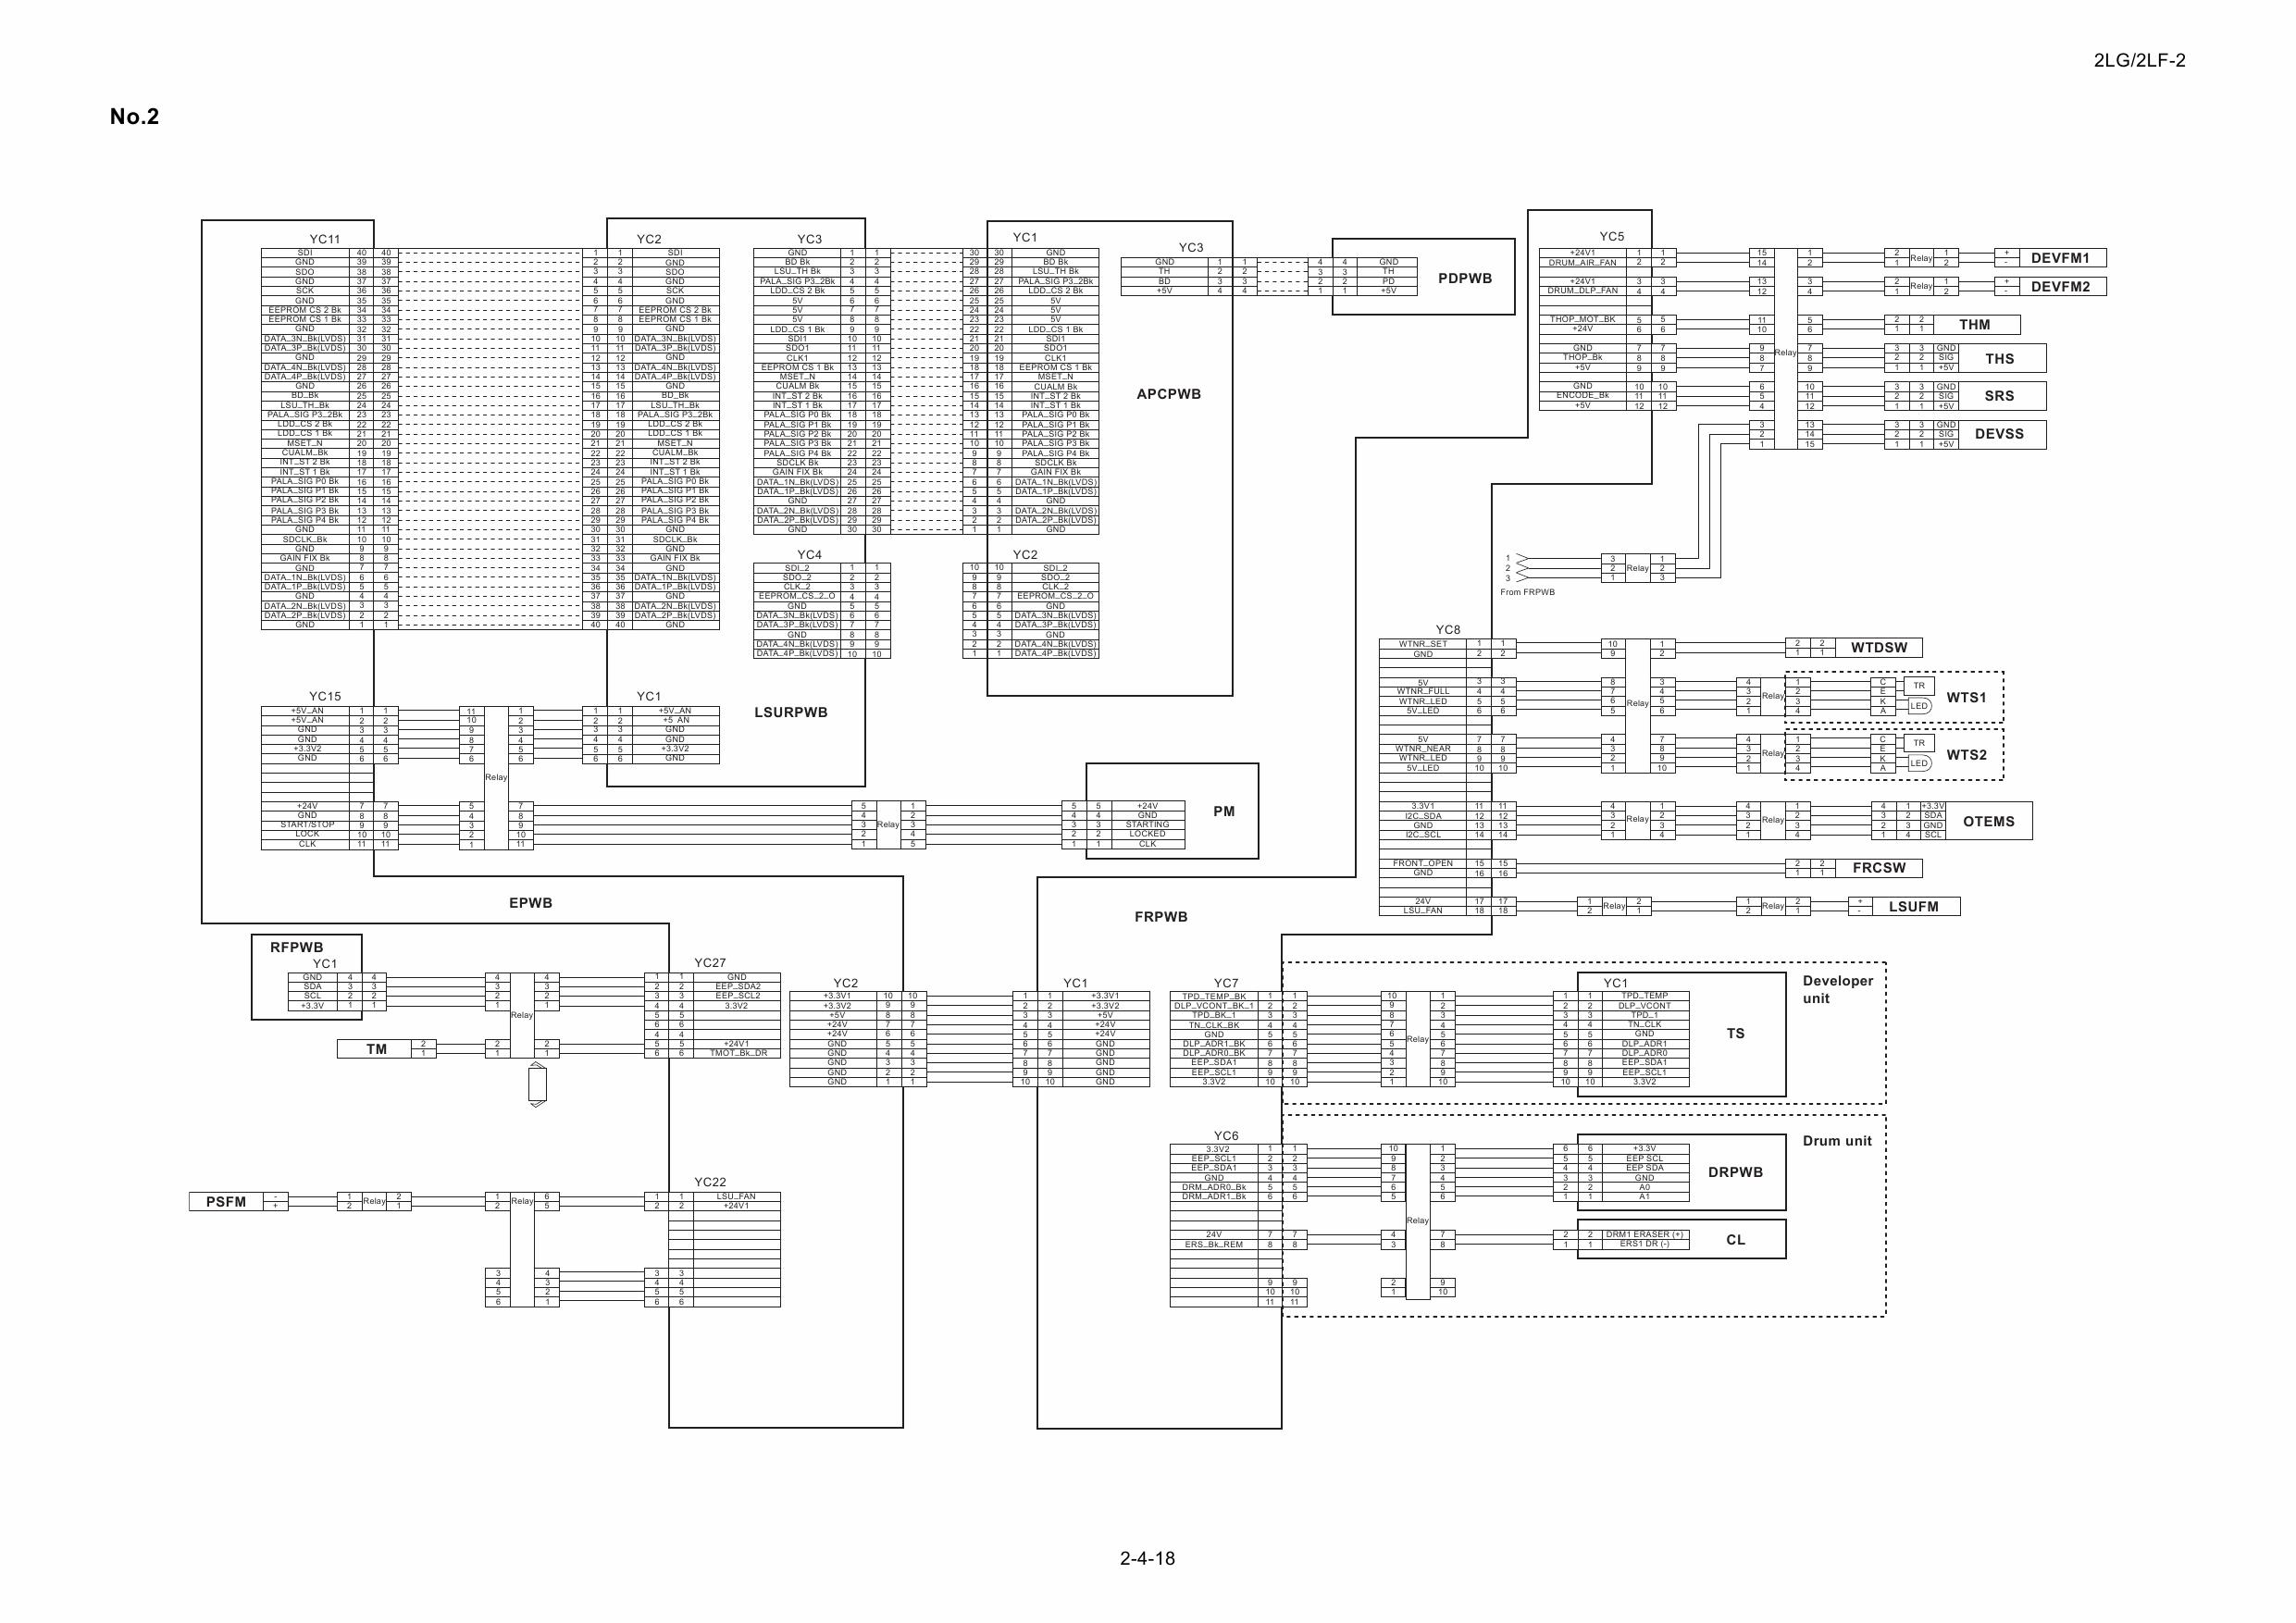 KYOCERA MFP TASKalfa-6500i 8000i Service Manual-6